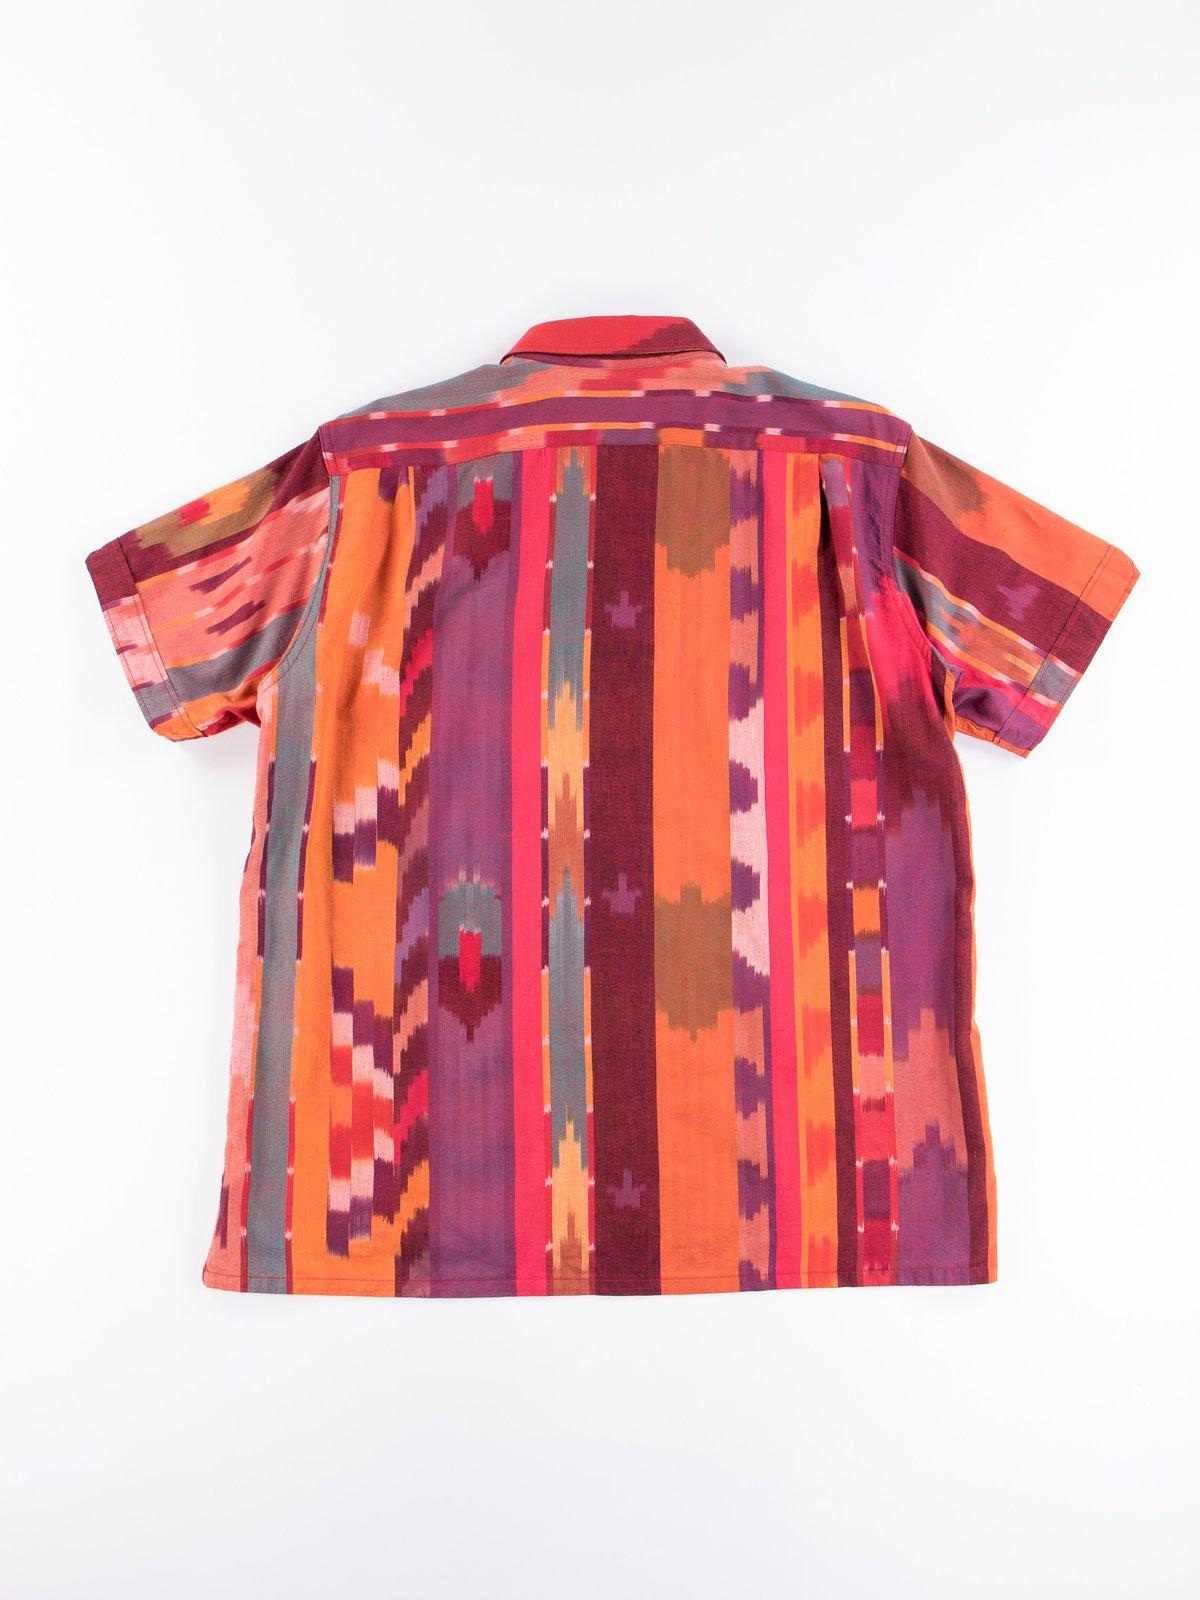 Red/Orange Cotton Ikat Camp Shirt - Image 5